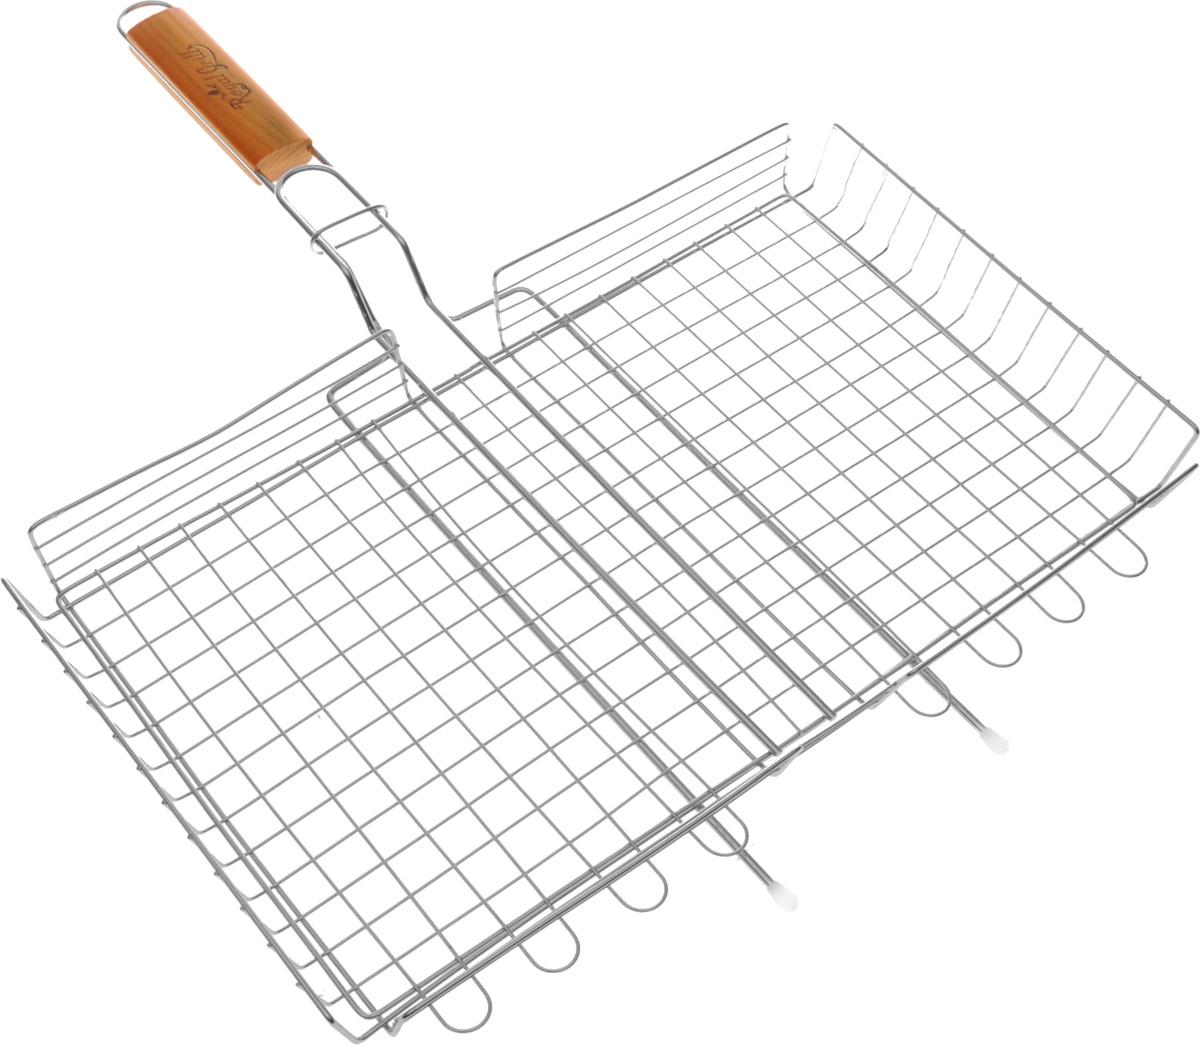 Решетка-гриль RoyalGrill BBQ time, глубокая, 45 х 25 см80-034Глубокая решетка-гриль RoyalGrill изготовлена из высококачественной пищевой стали, а рукоятка выполнена из дерева. Верхний сегмент решетки фиксируется с помощью кольца на ручке. Решетка предназначена для приготовления овощей и крупных кусков мяса, птицы, рыбы. Надежная конструкция удобна в использовании. Размер решетки: 45 х 25 х 5 см. Длина (с ручкой): 57 см.